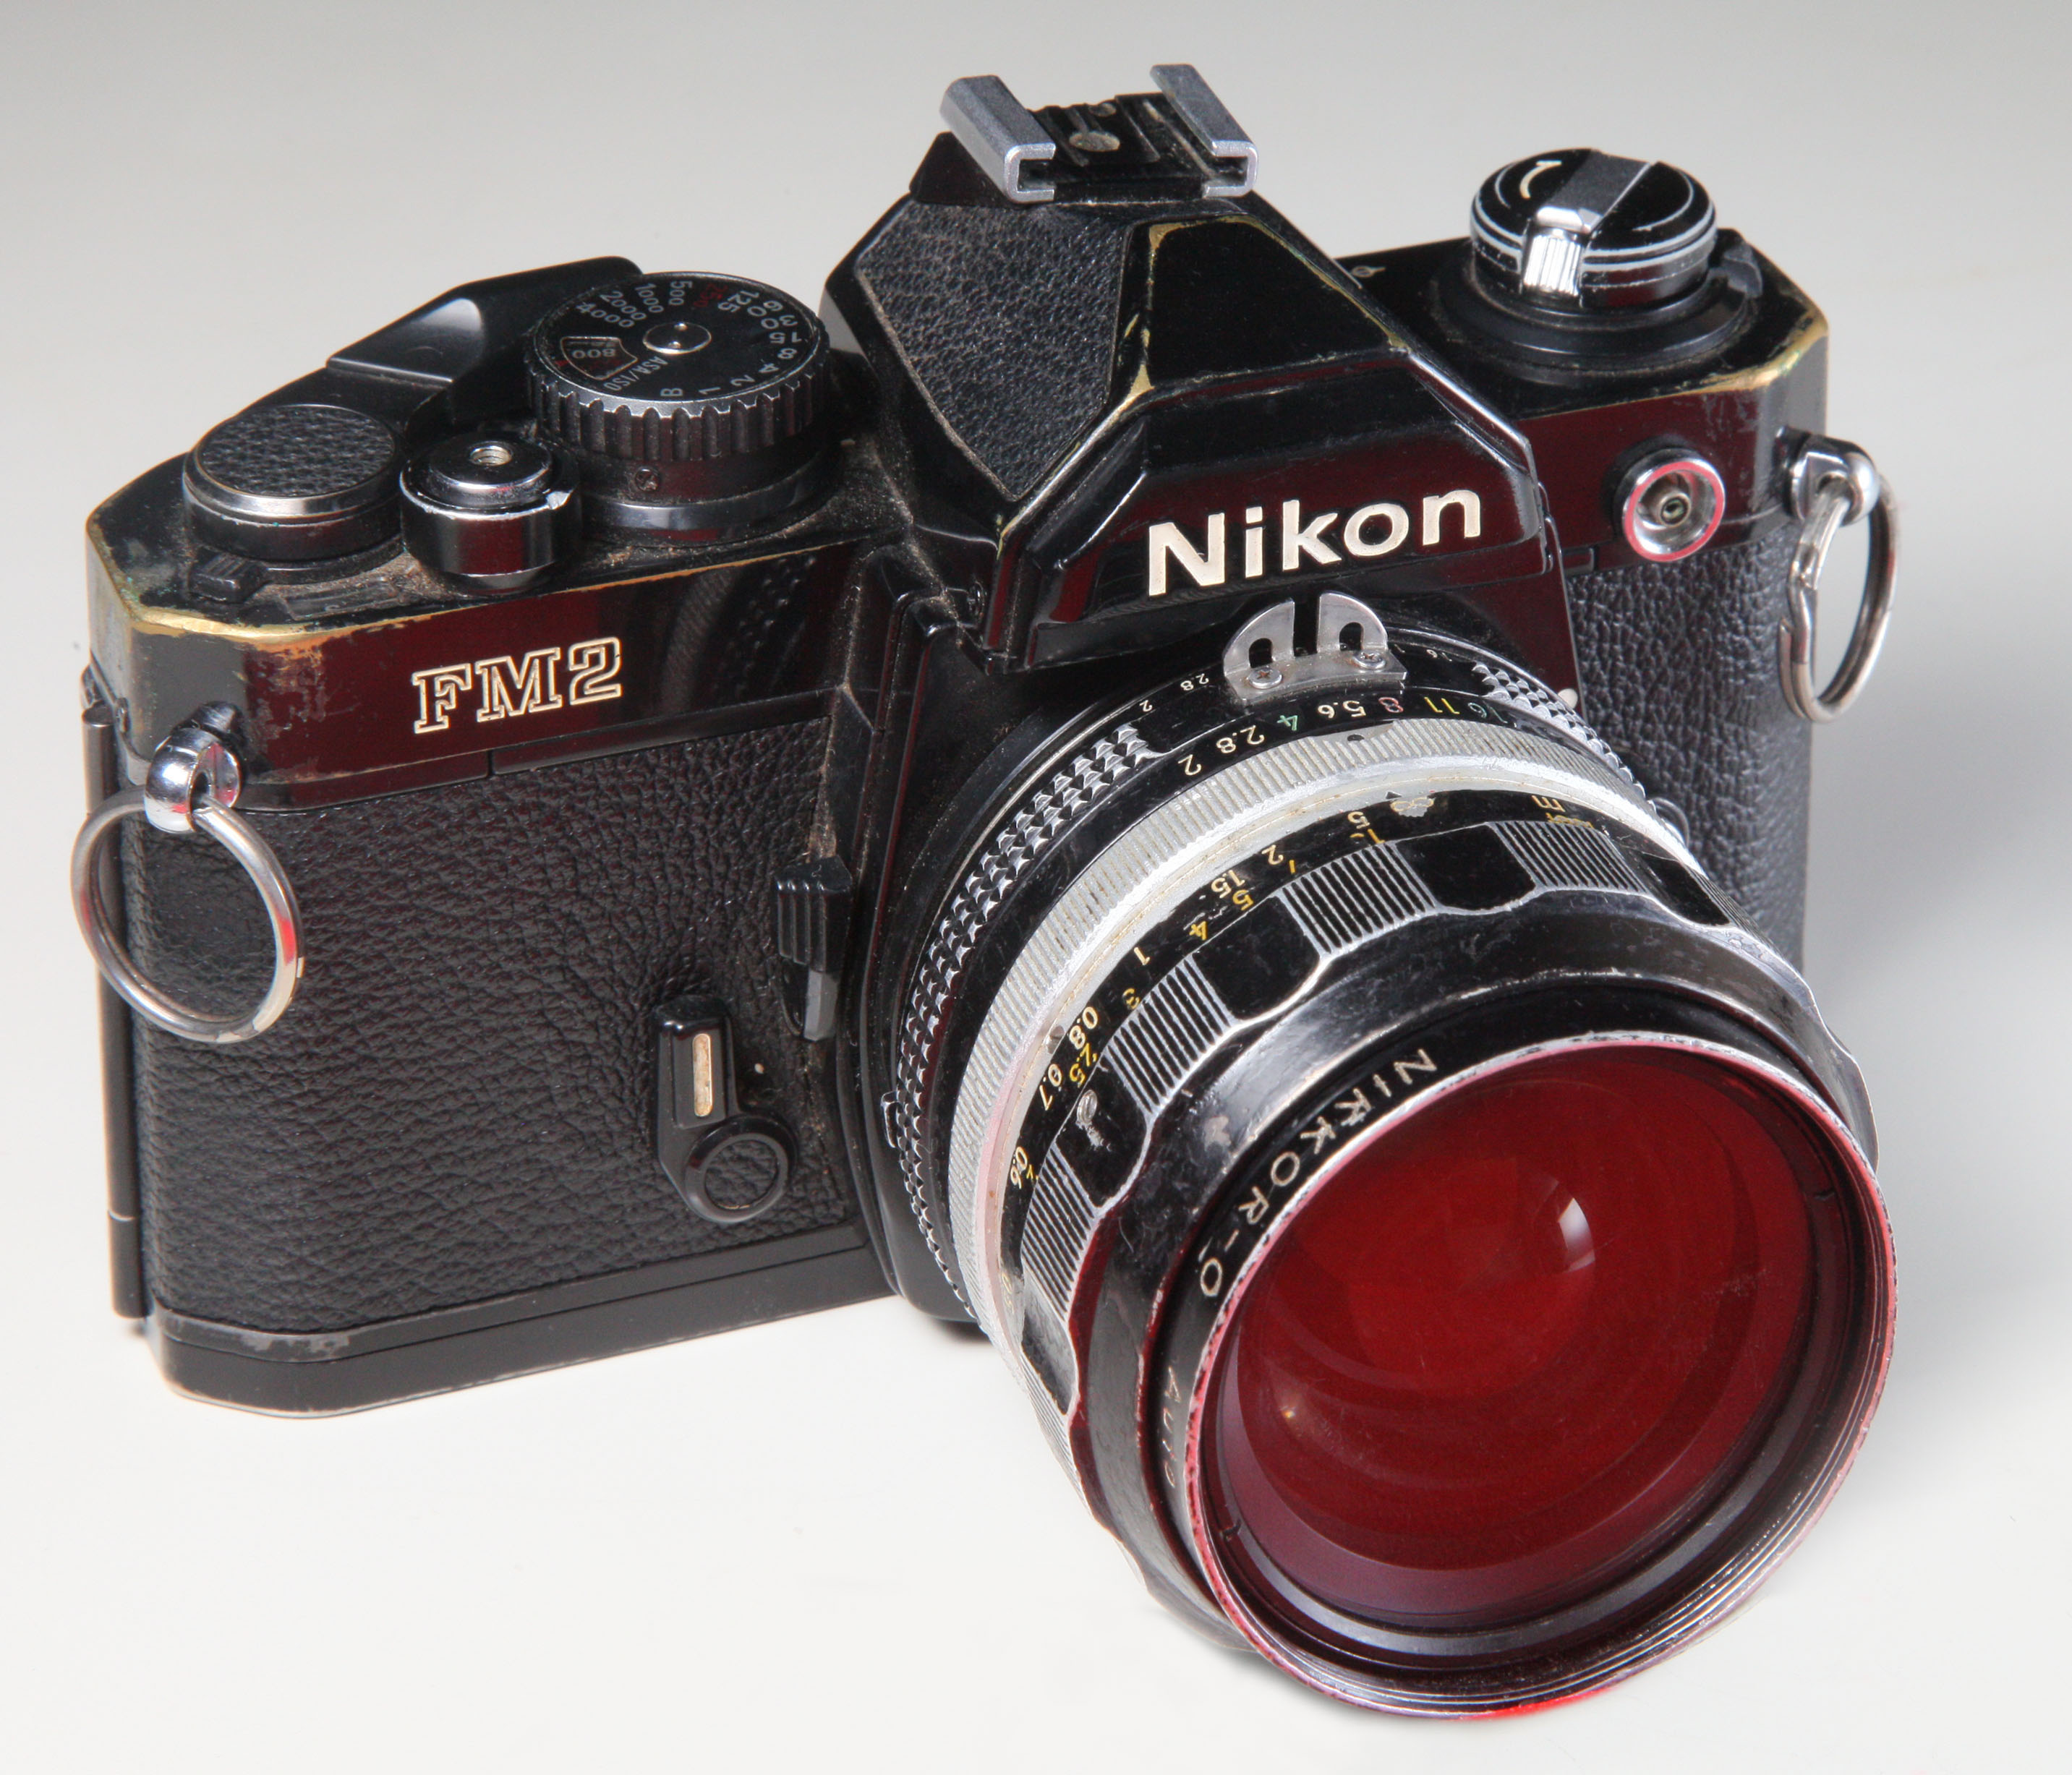 самые популярные пленочные фотоаппараты кефире, которые получаются